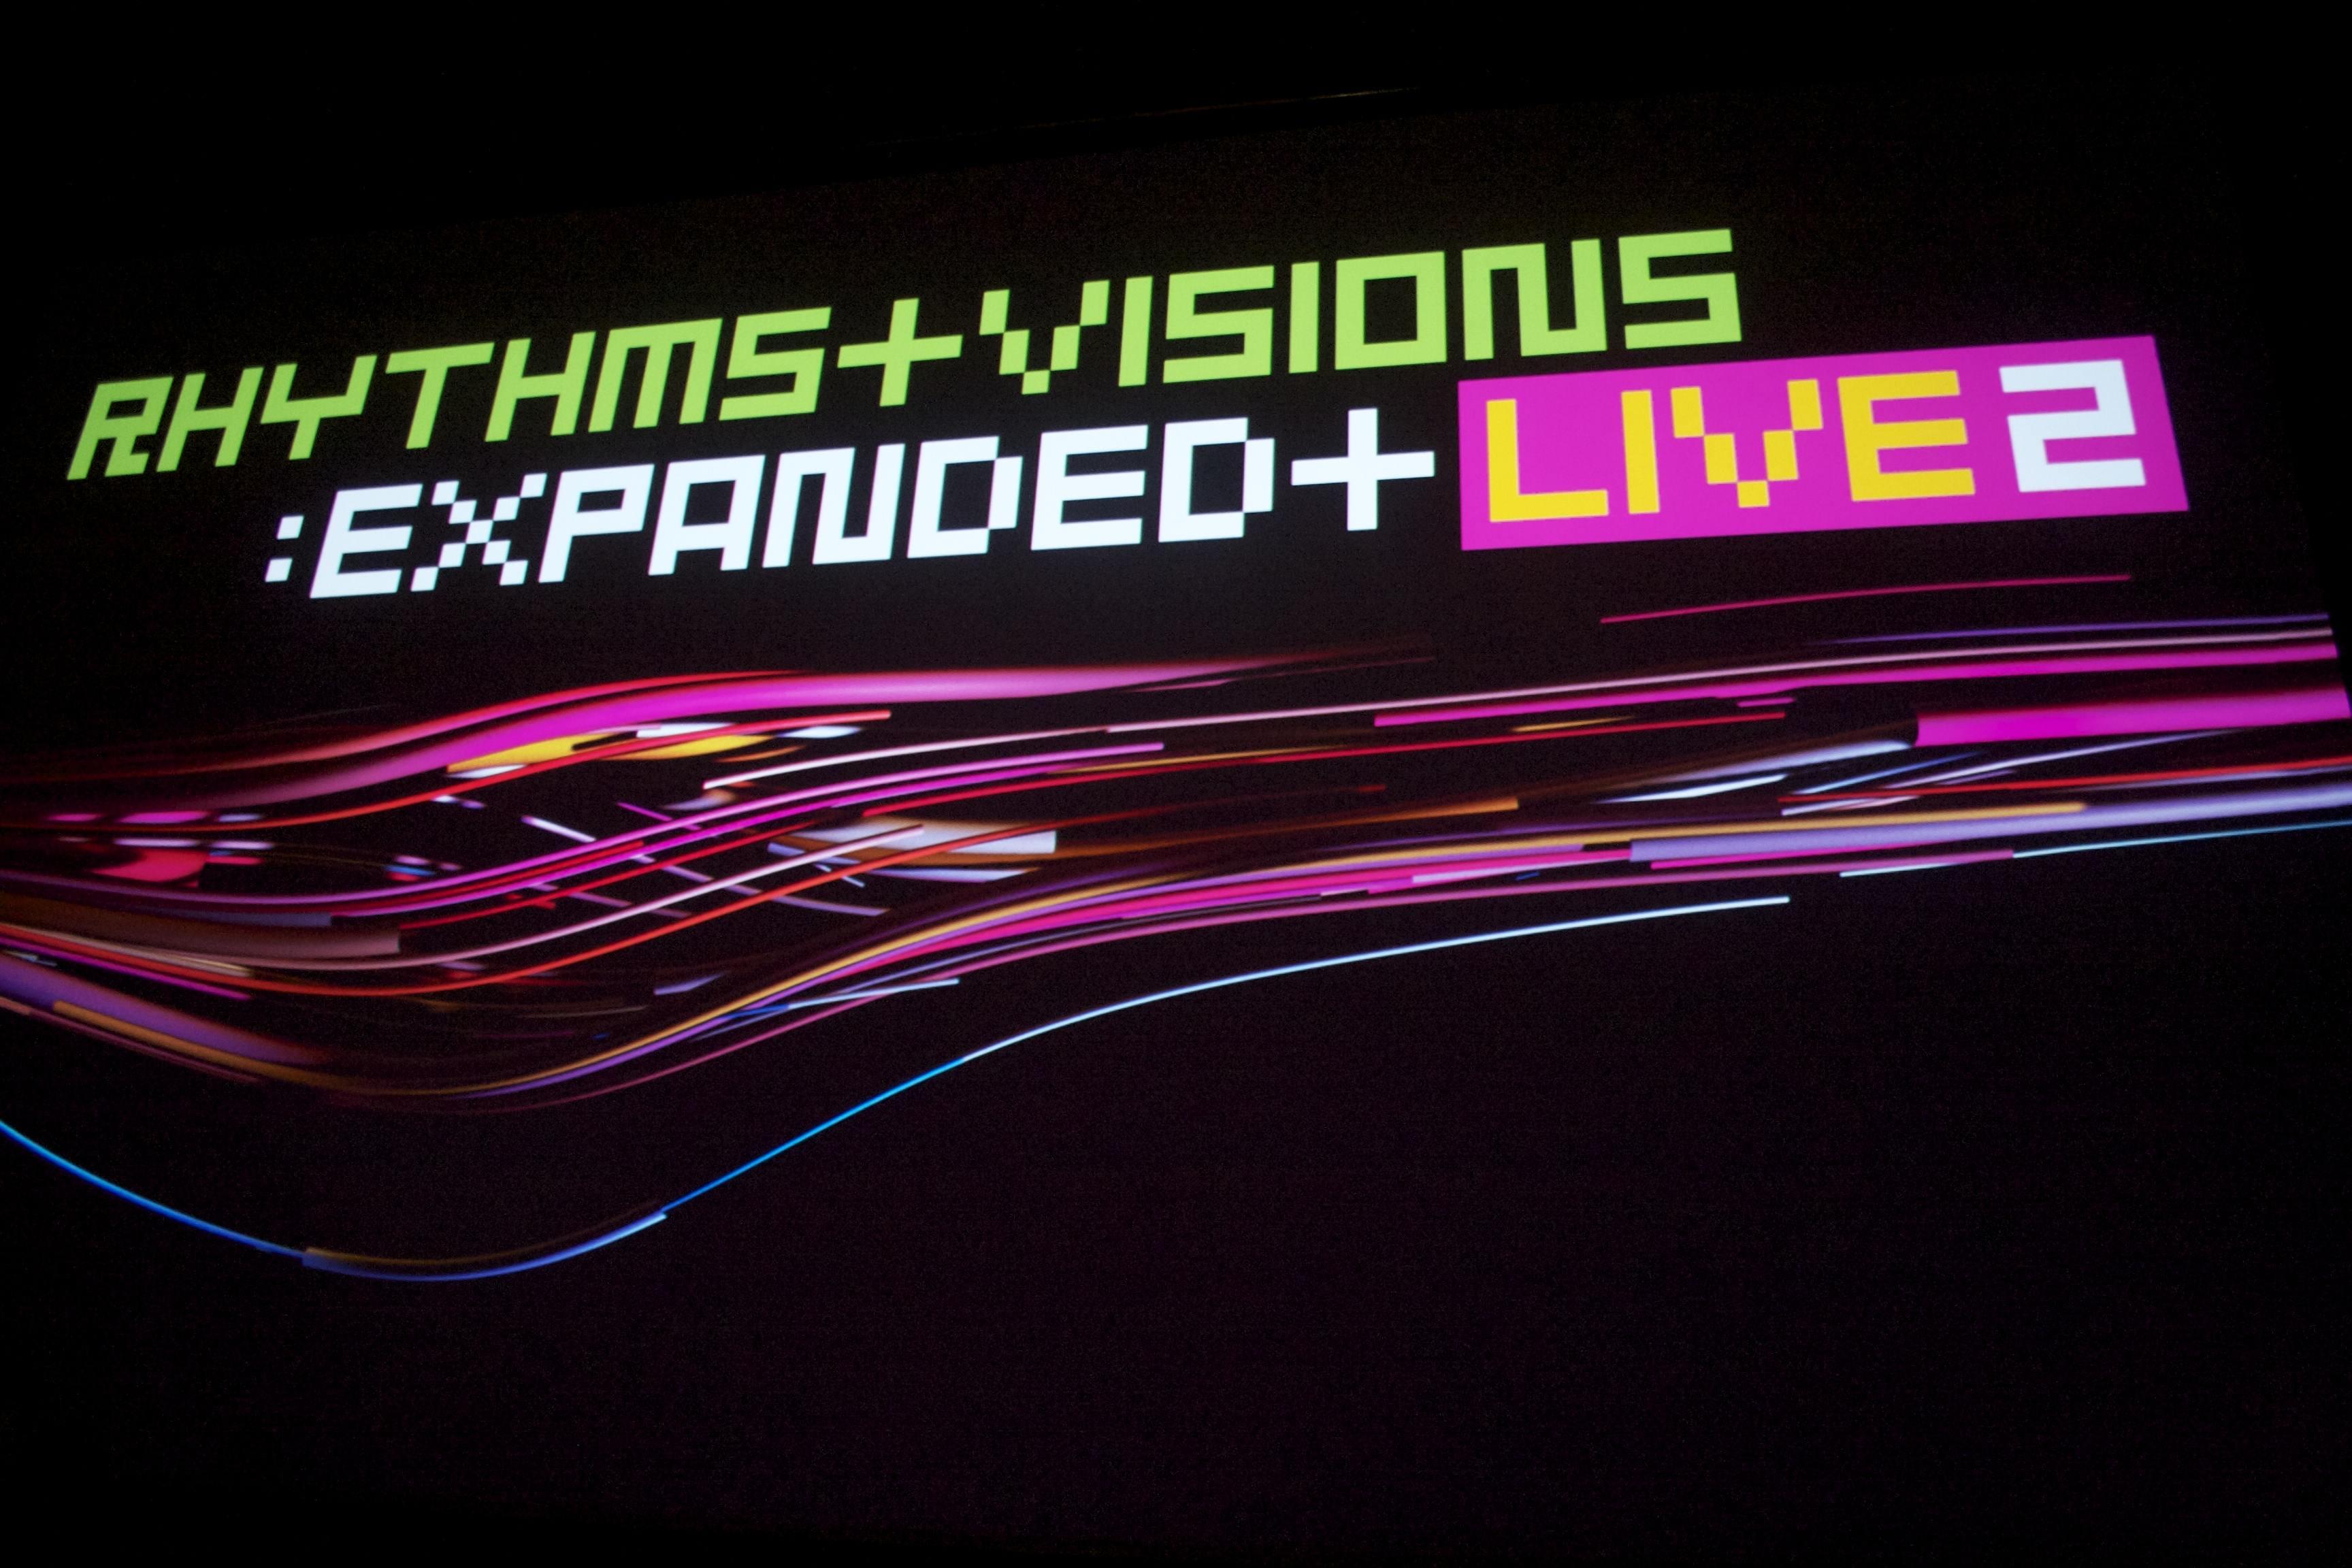 16_Rhythms+Visions_Banner